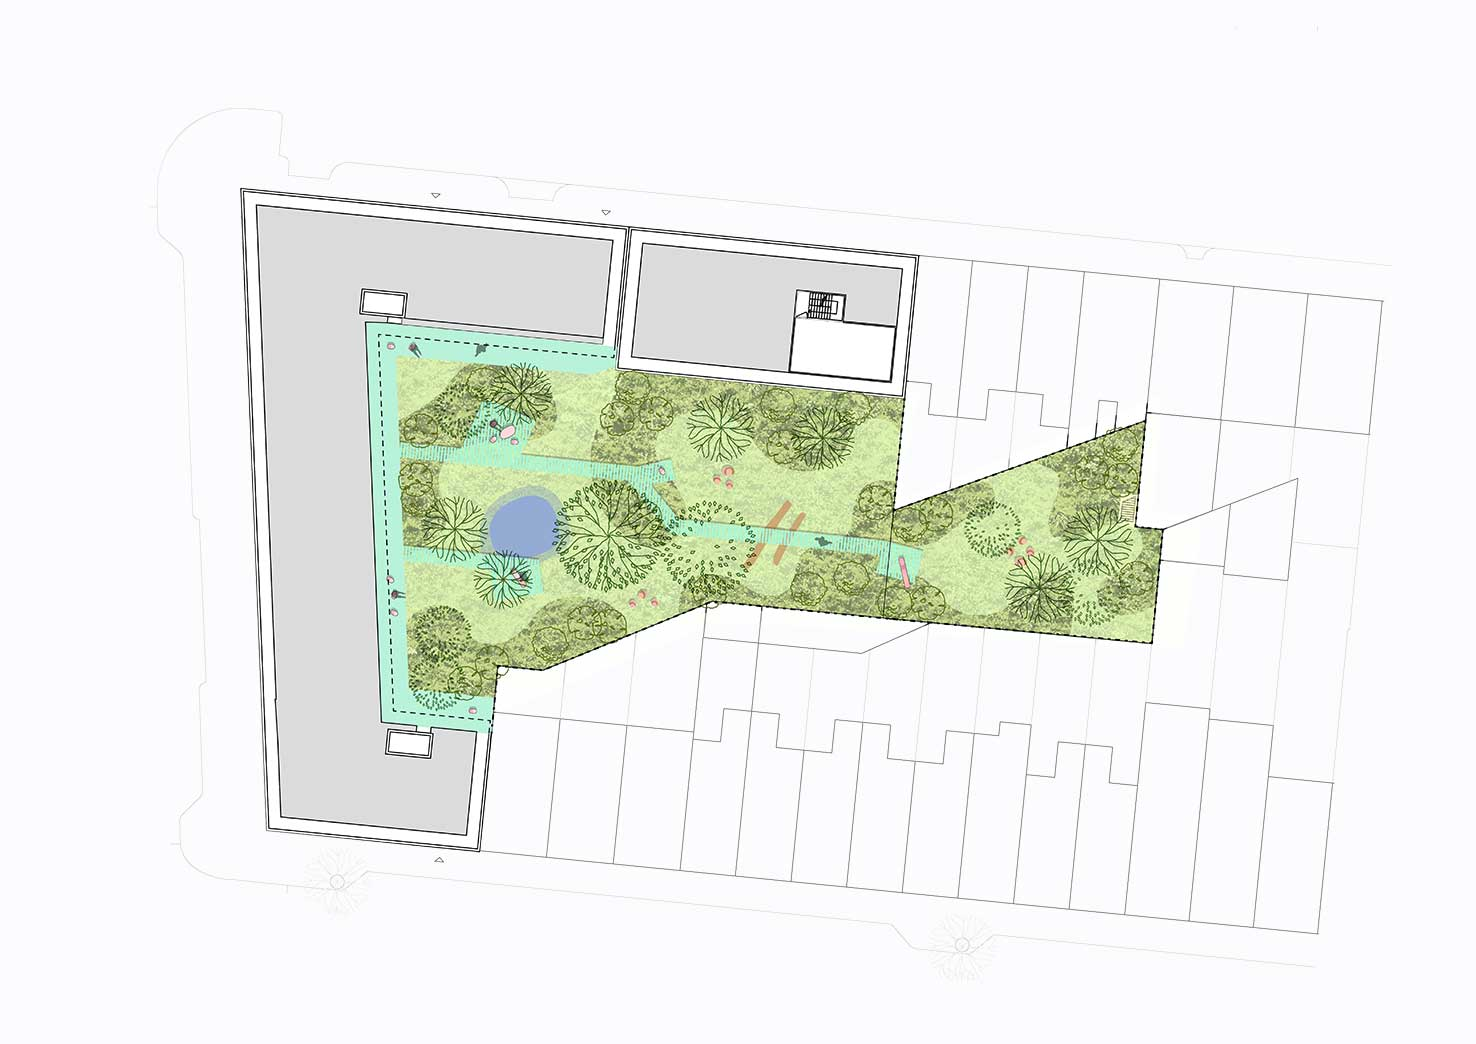 HTA-plan-drawing